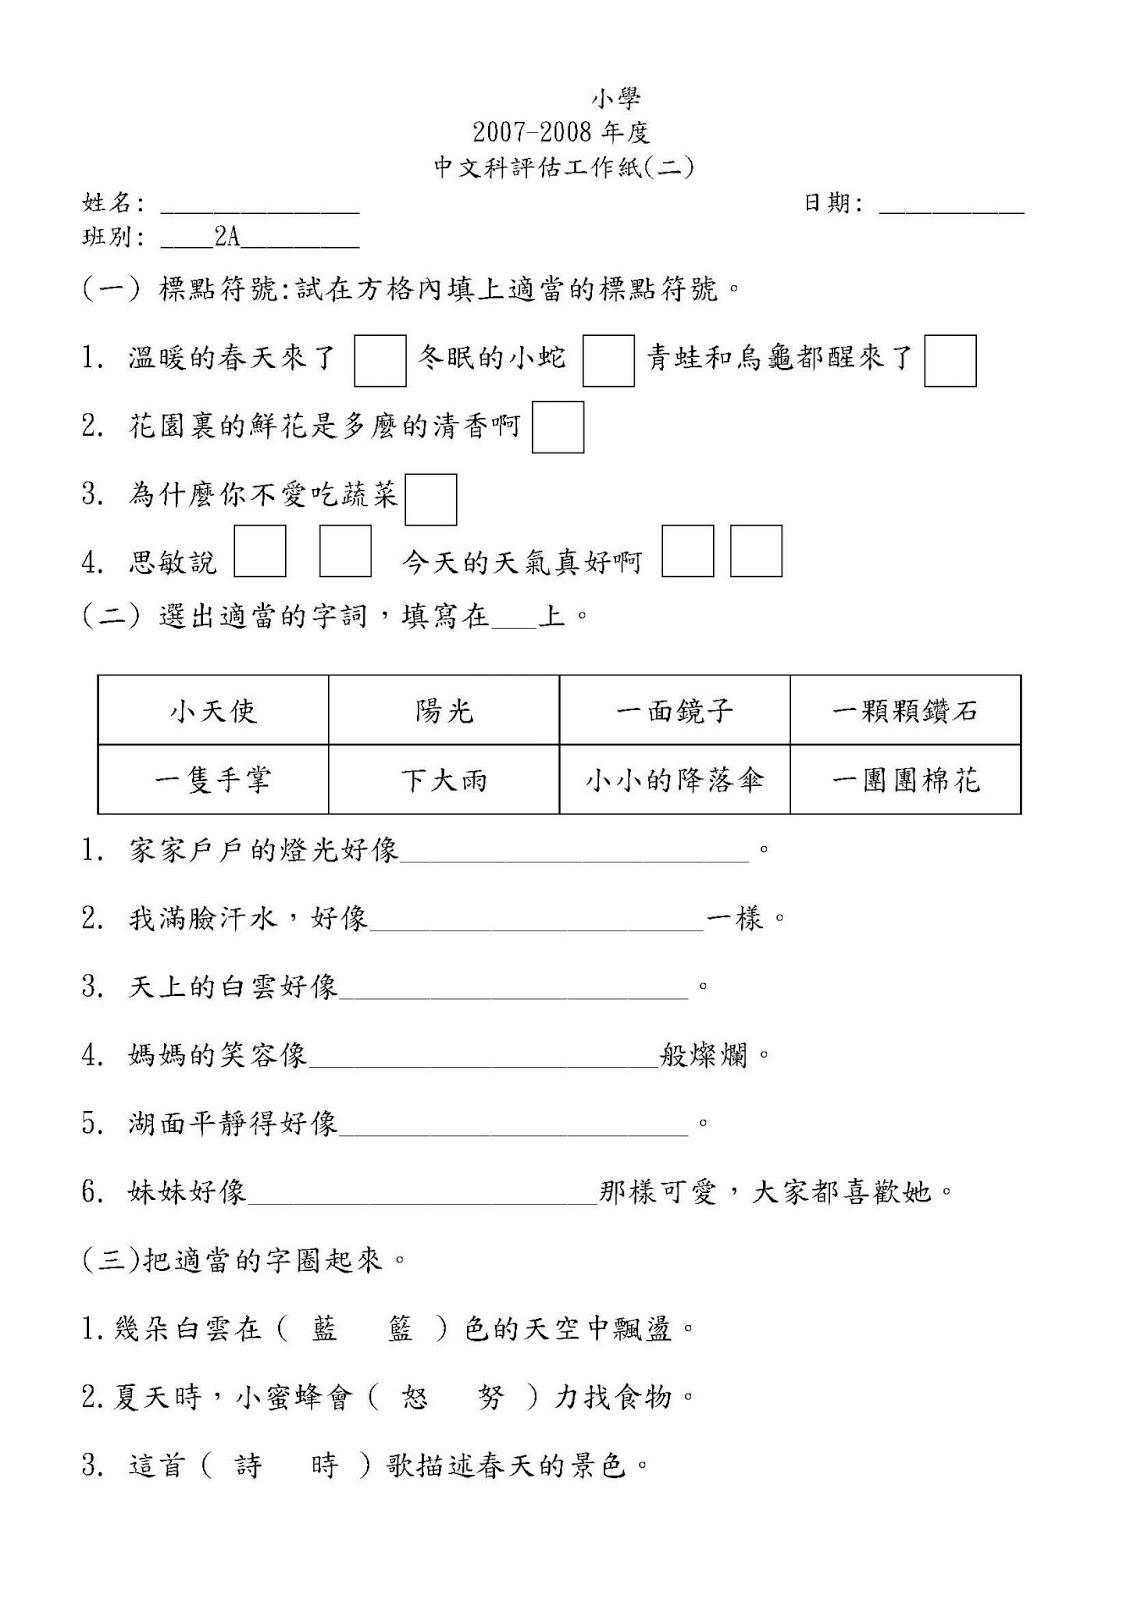 MaMa Resources: 小二中文練習